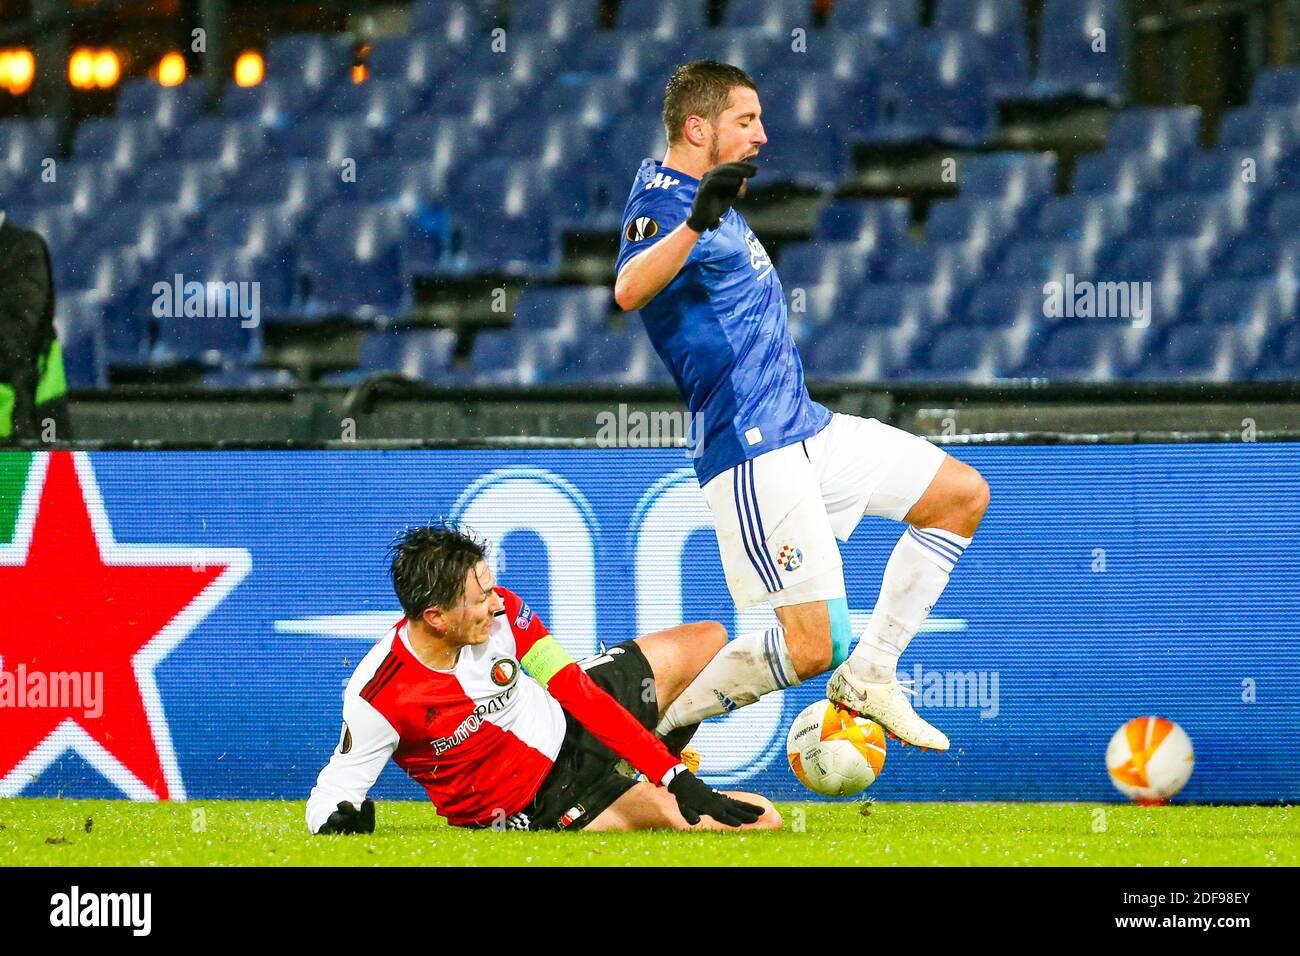 Rotterdam 03 12 2020 Stadium De Kuip Europa League Group Stage Football Season 2020 2021 Feyenoord